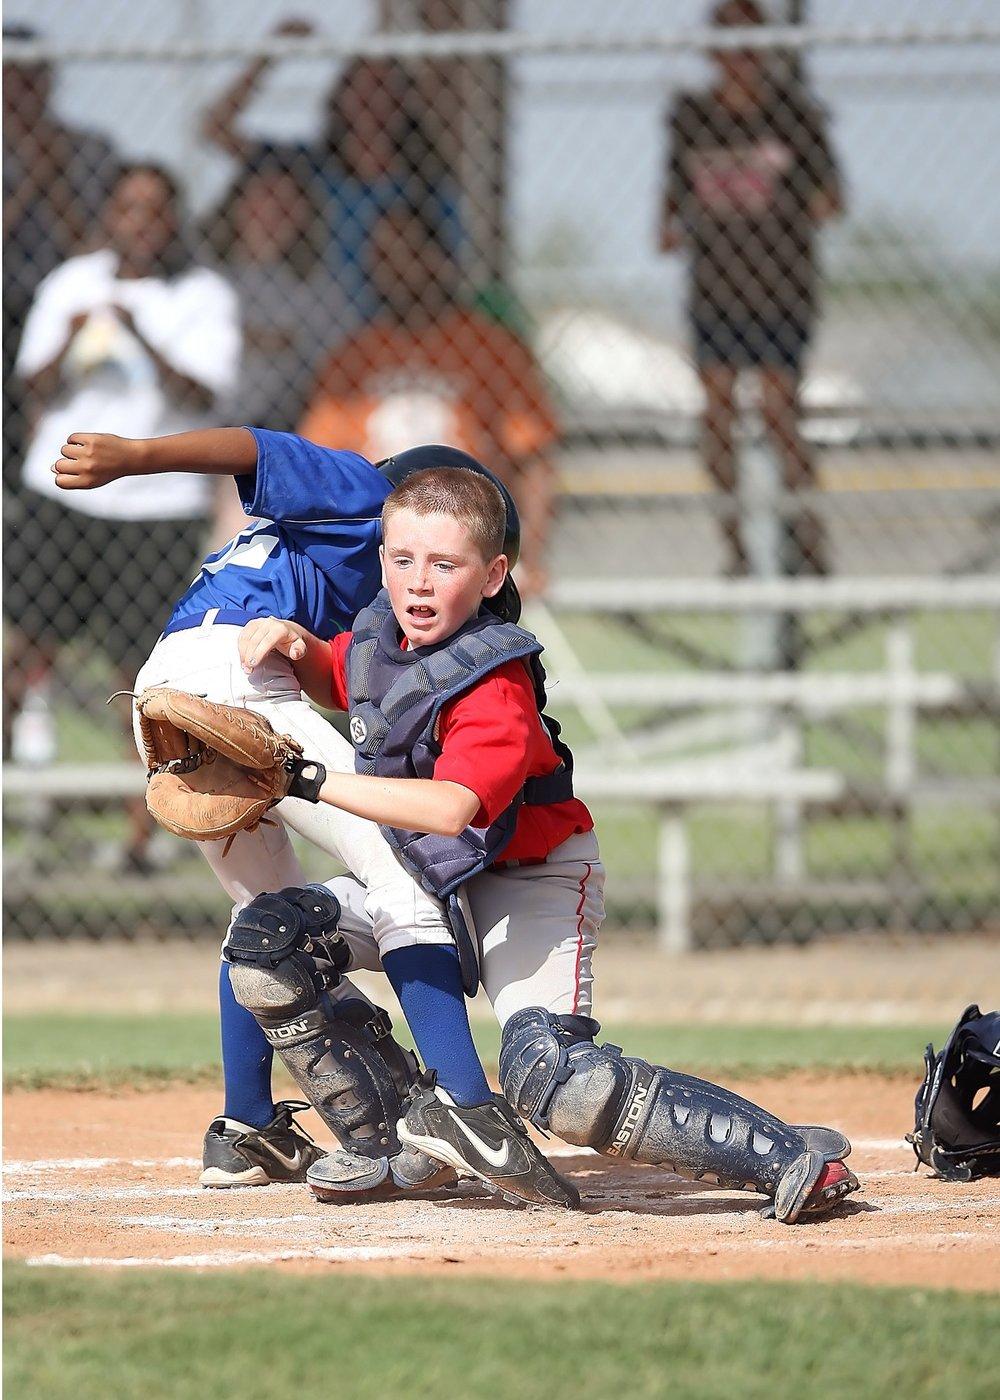 baseball-1515849_1920.jpg